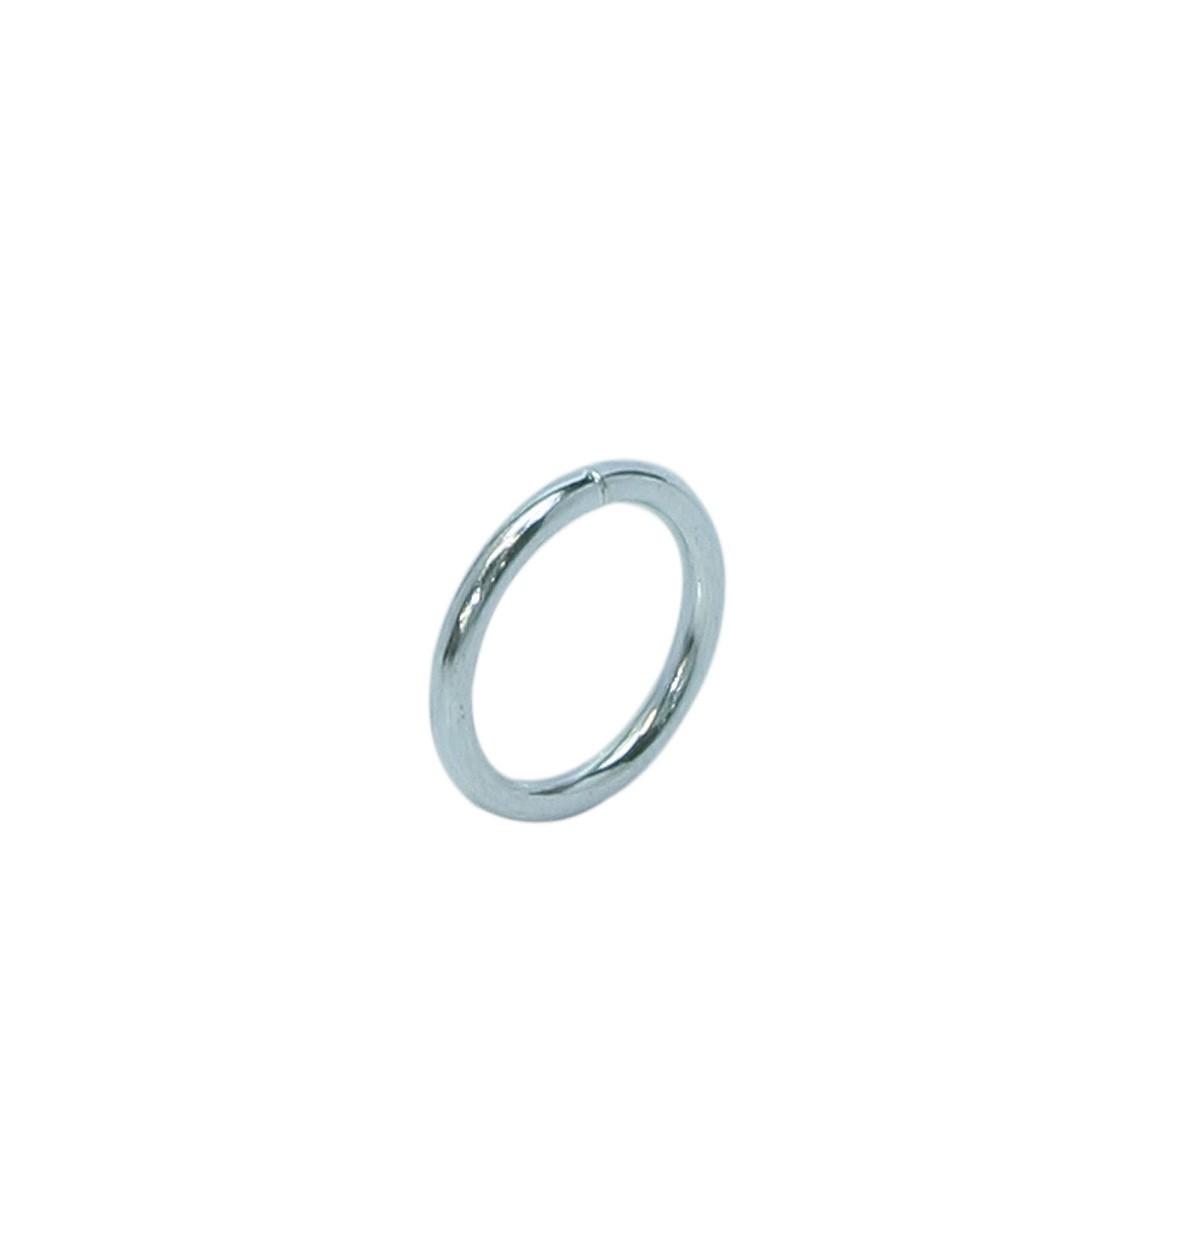 Ring licht (gelast) 25x4 Ø3,9 EV